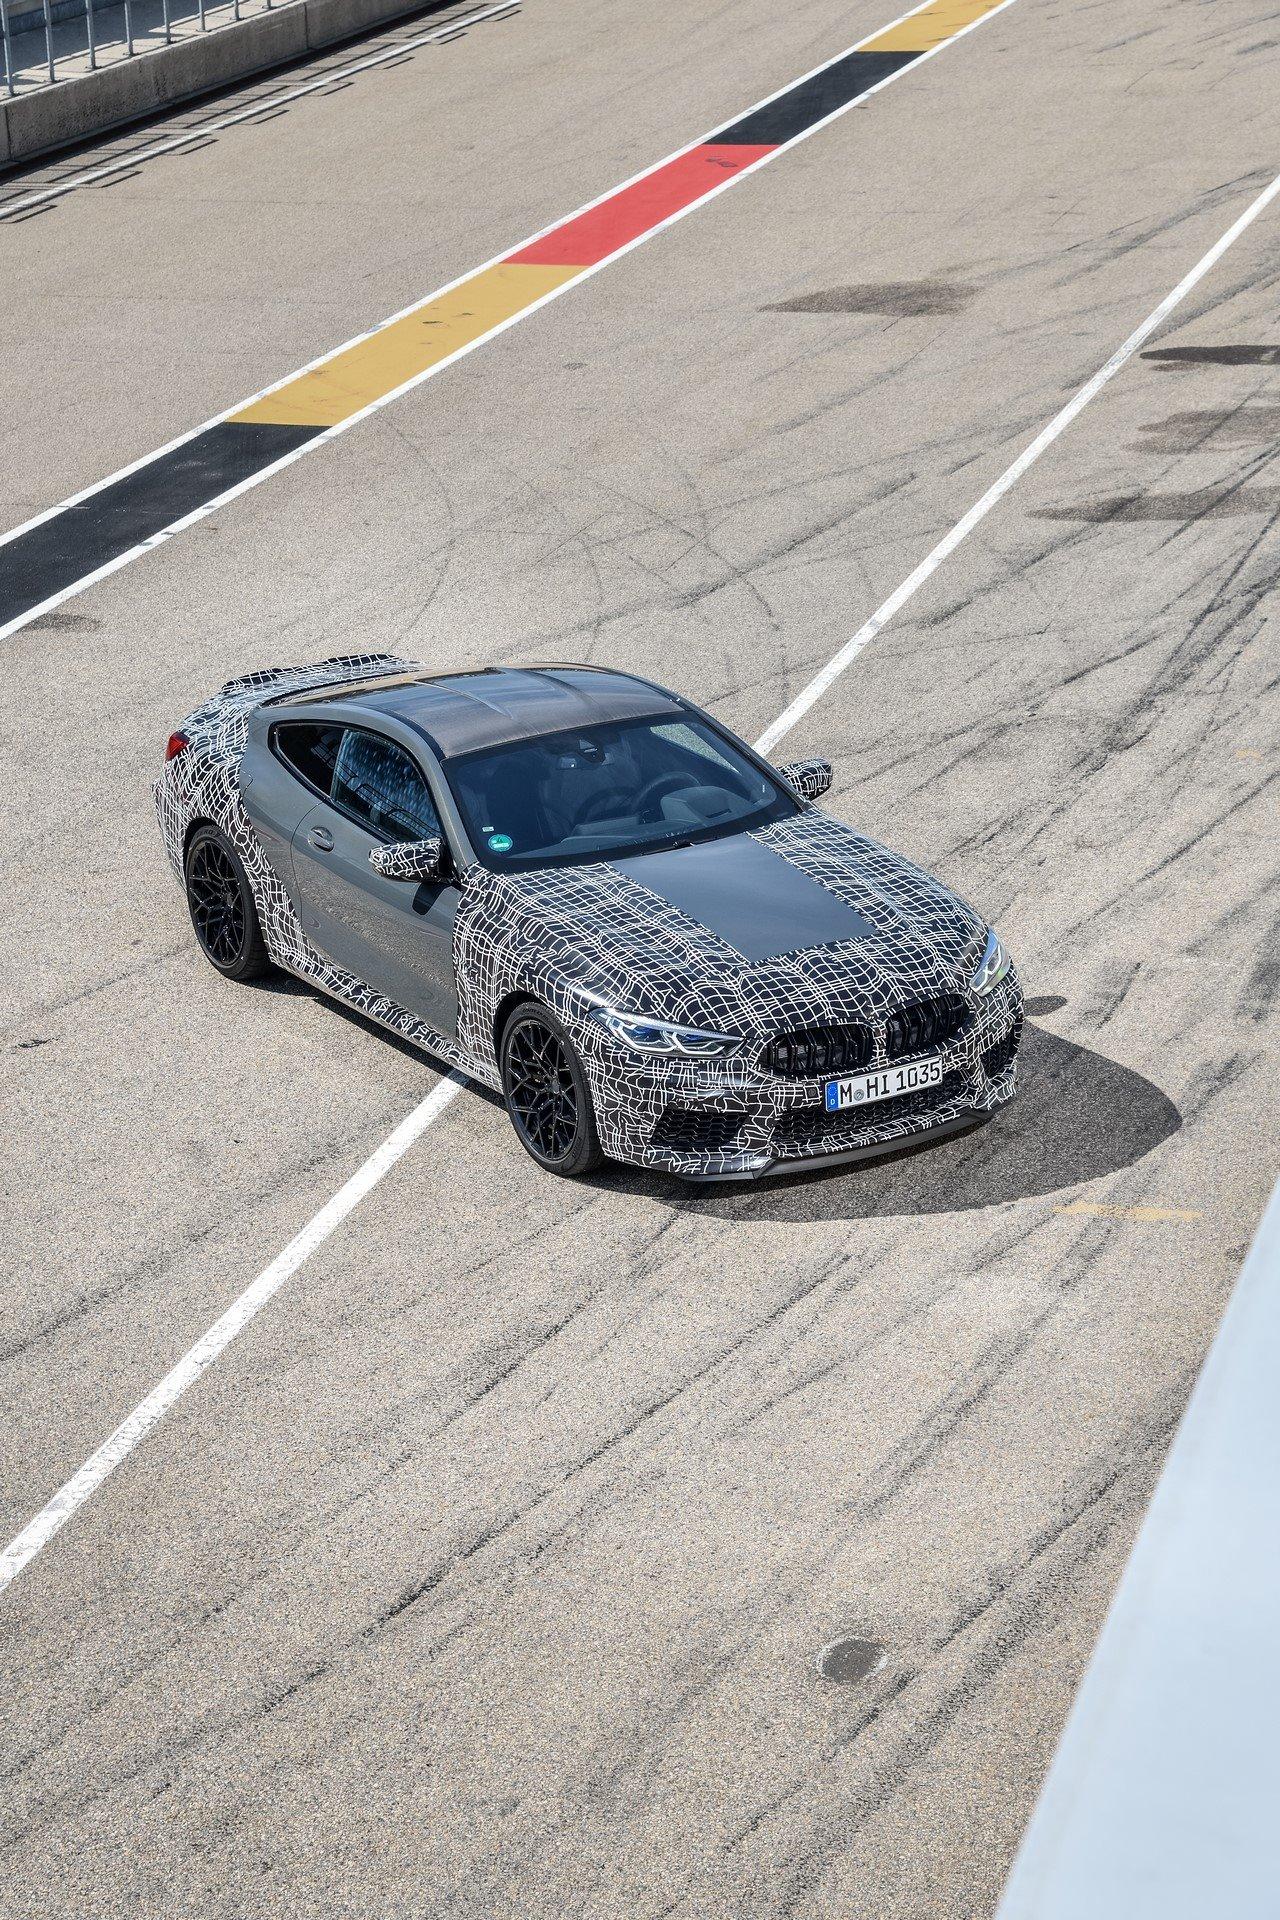 BMW-M8-spy-photos-13